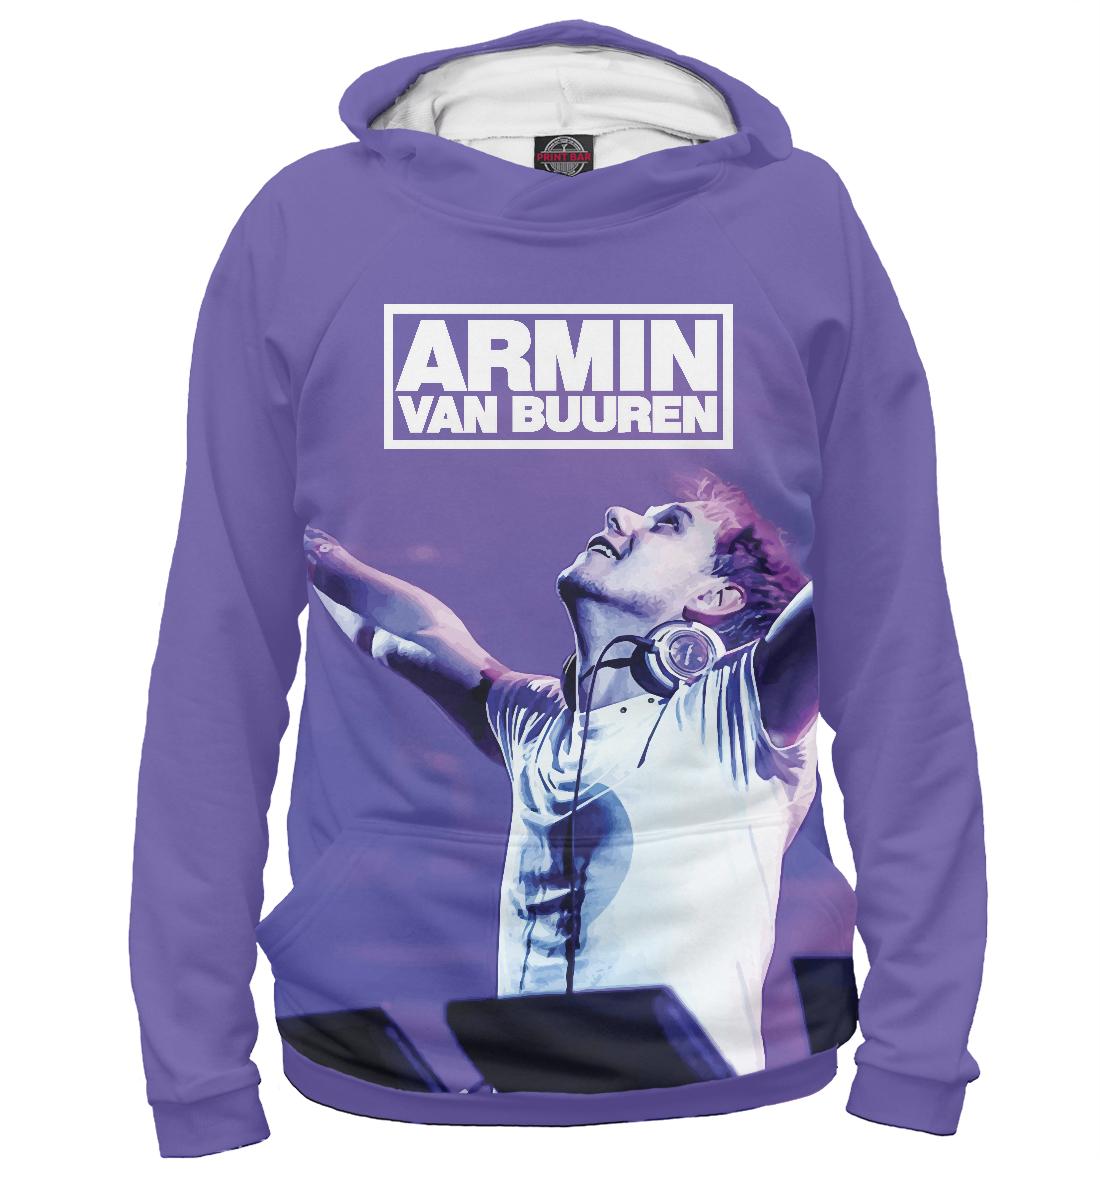 Купить Armin van Buuren, Printbar, Худи, AVB-329104-hud-1